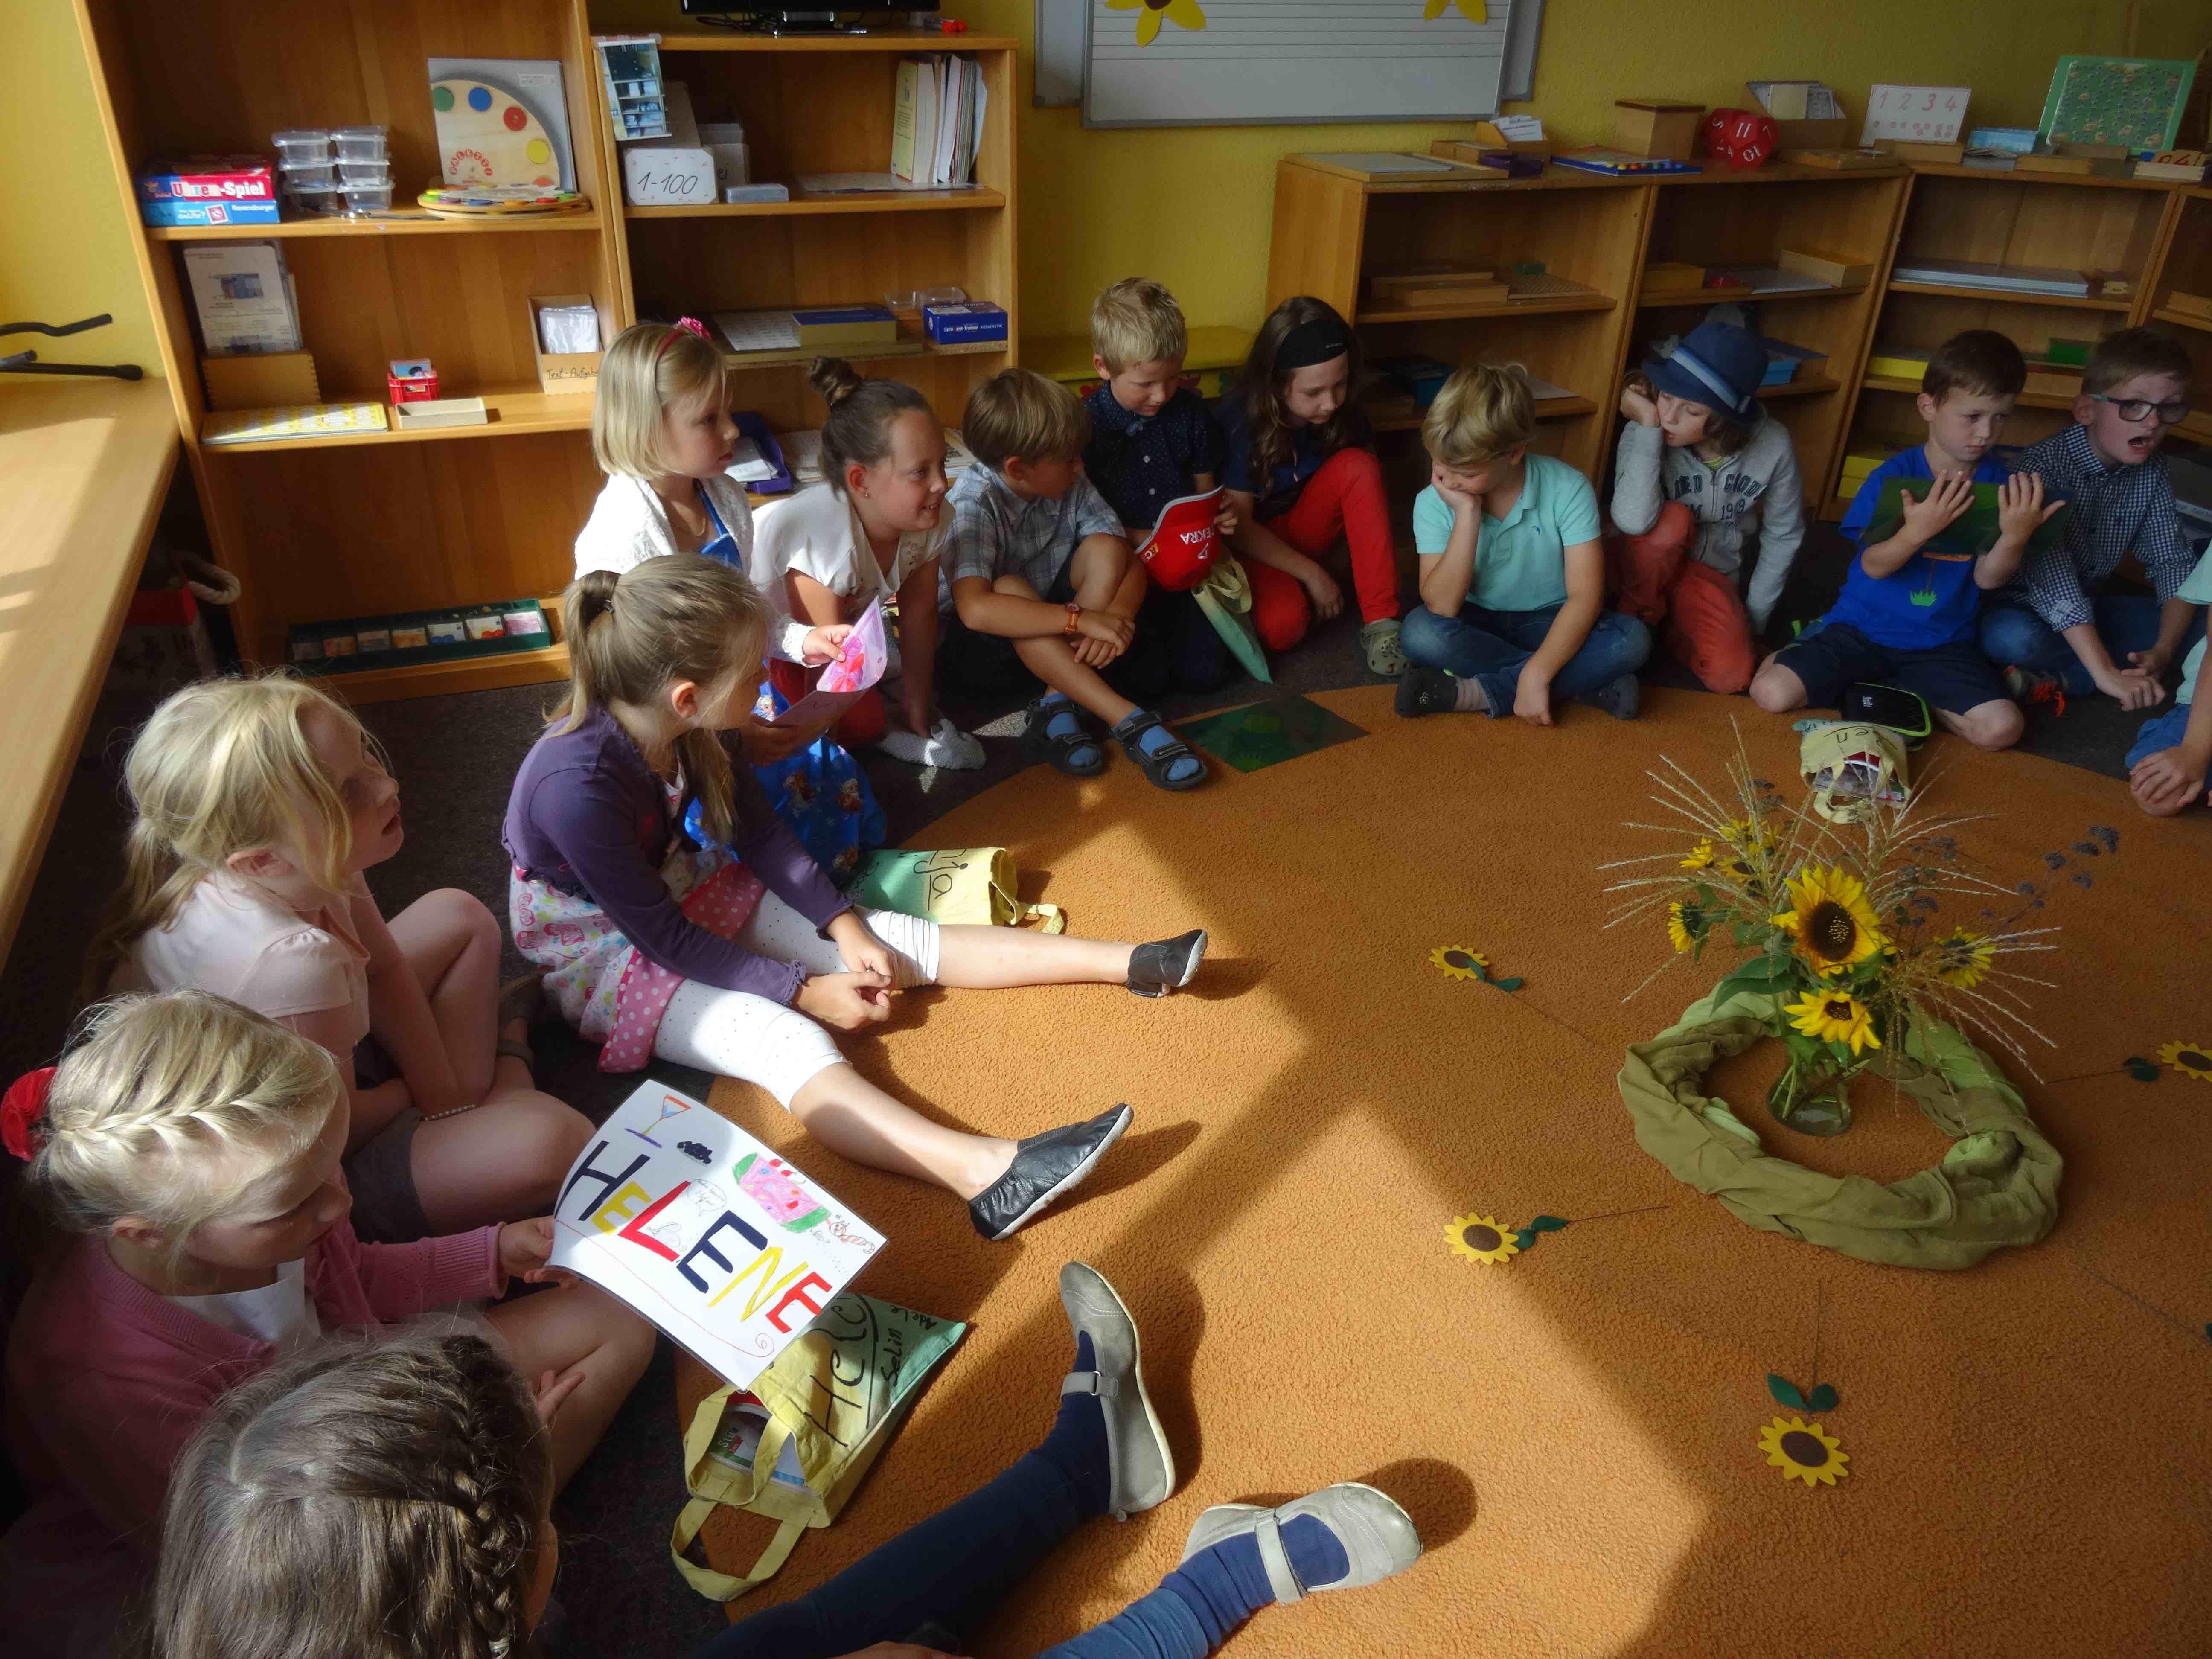 Kennenlernen erste unterrichtsstunde